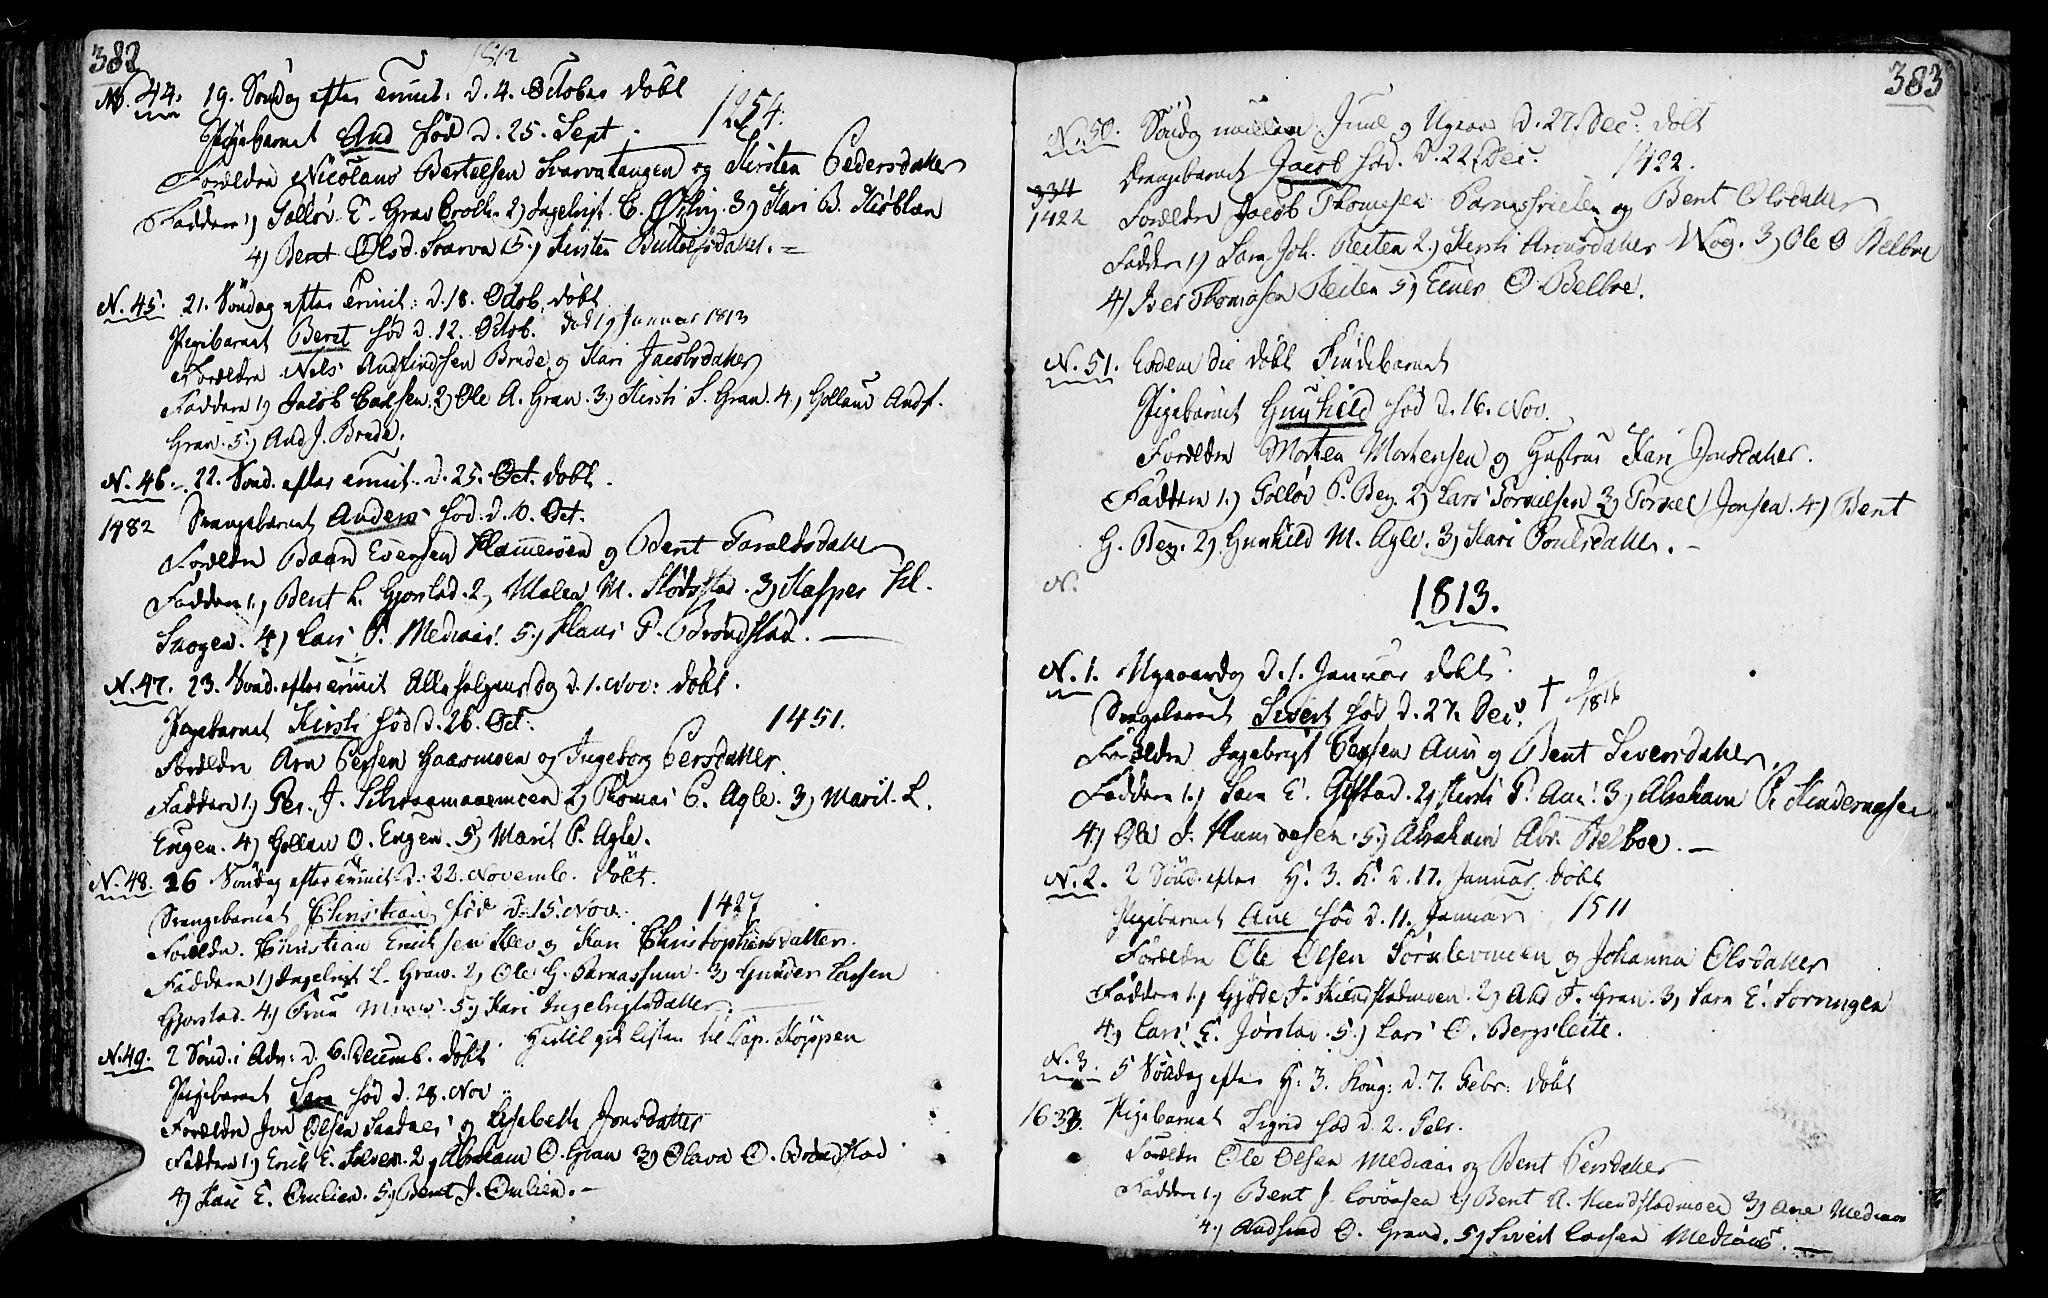 SAT, Ministerialprotokoller, klokkerbøker og fødselsregistre - Nord-Trøndelag, 749/L0468: Ministerialbok nr. 749A02, 1787-1817, s. 382-383